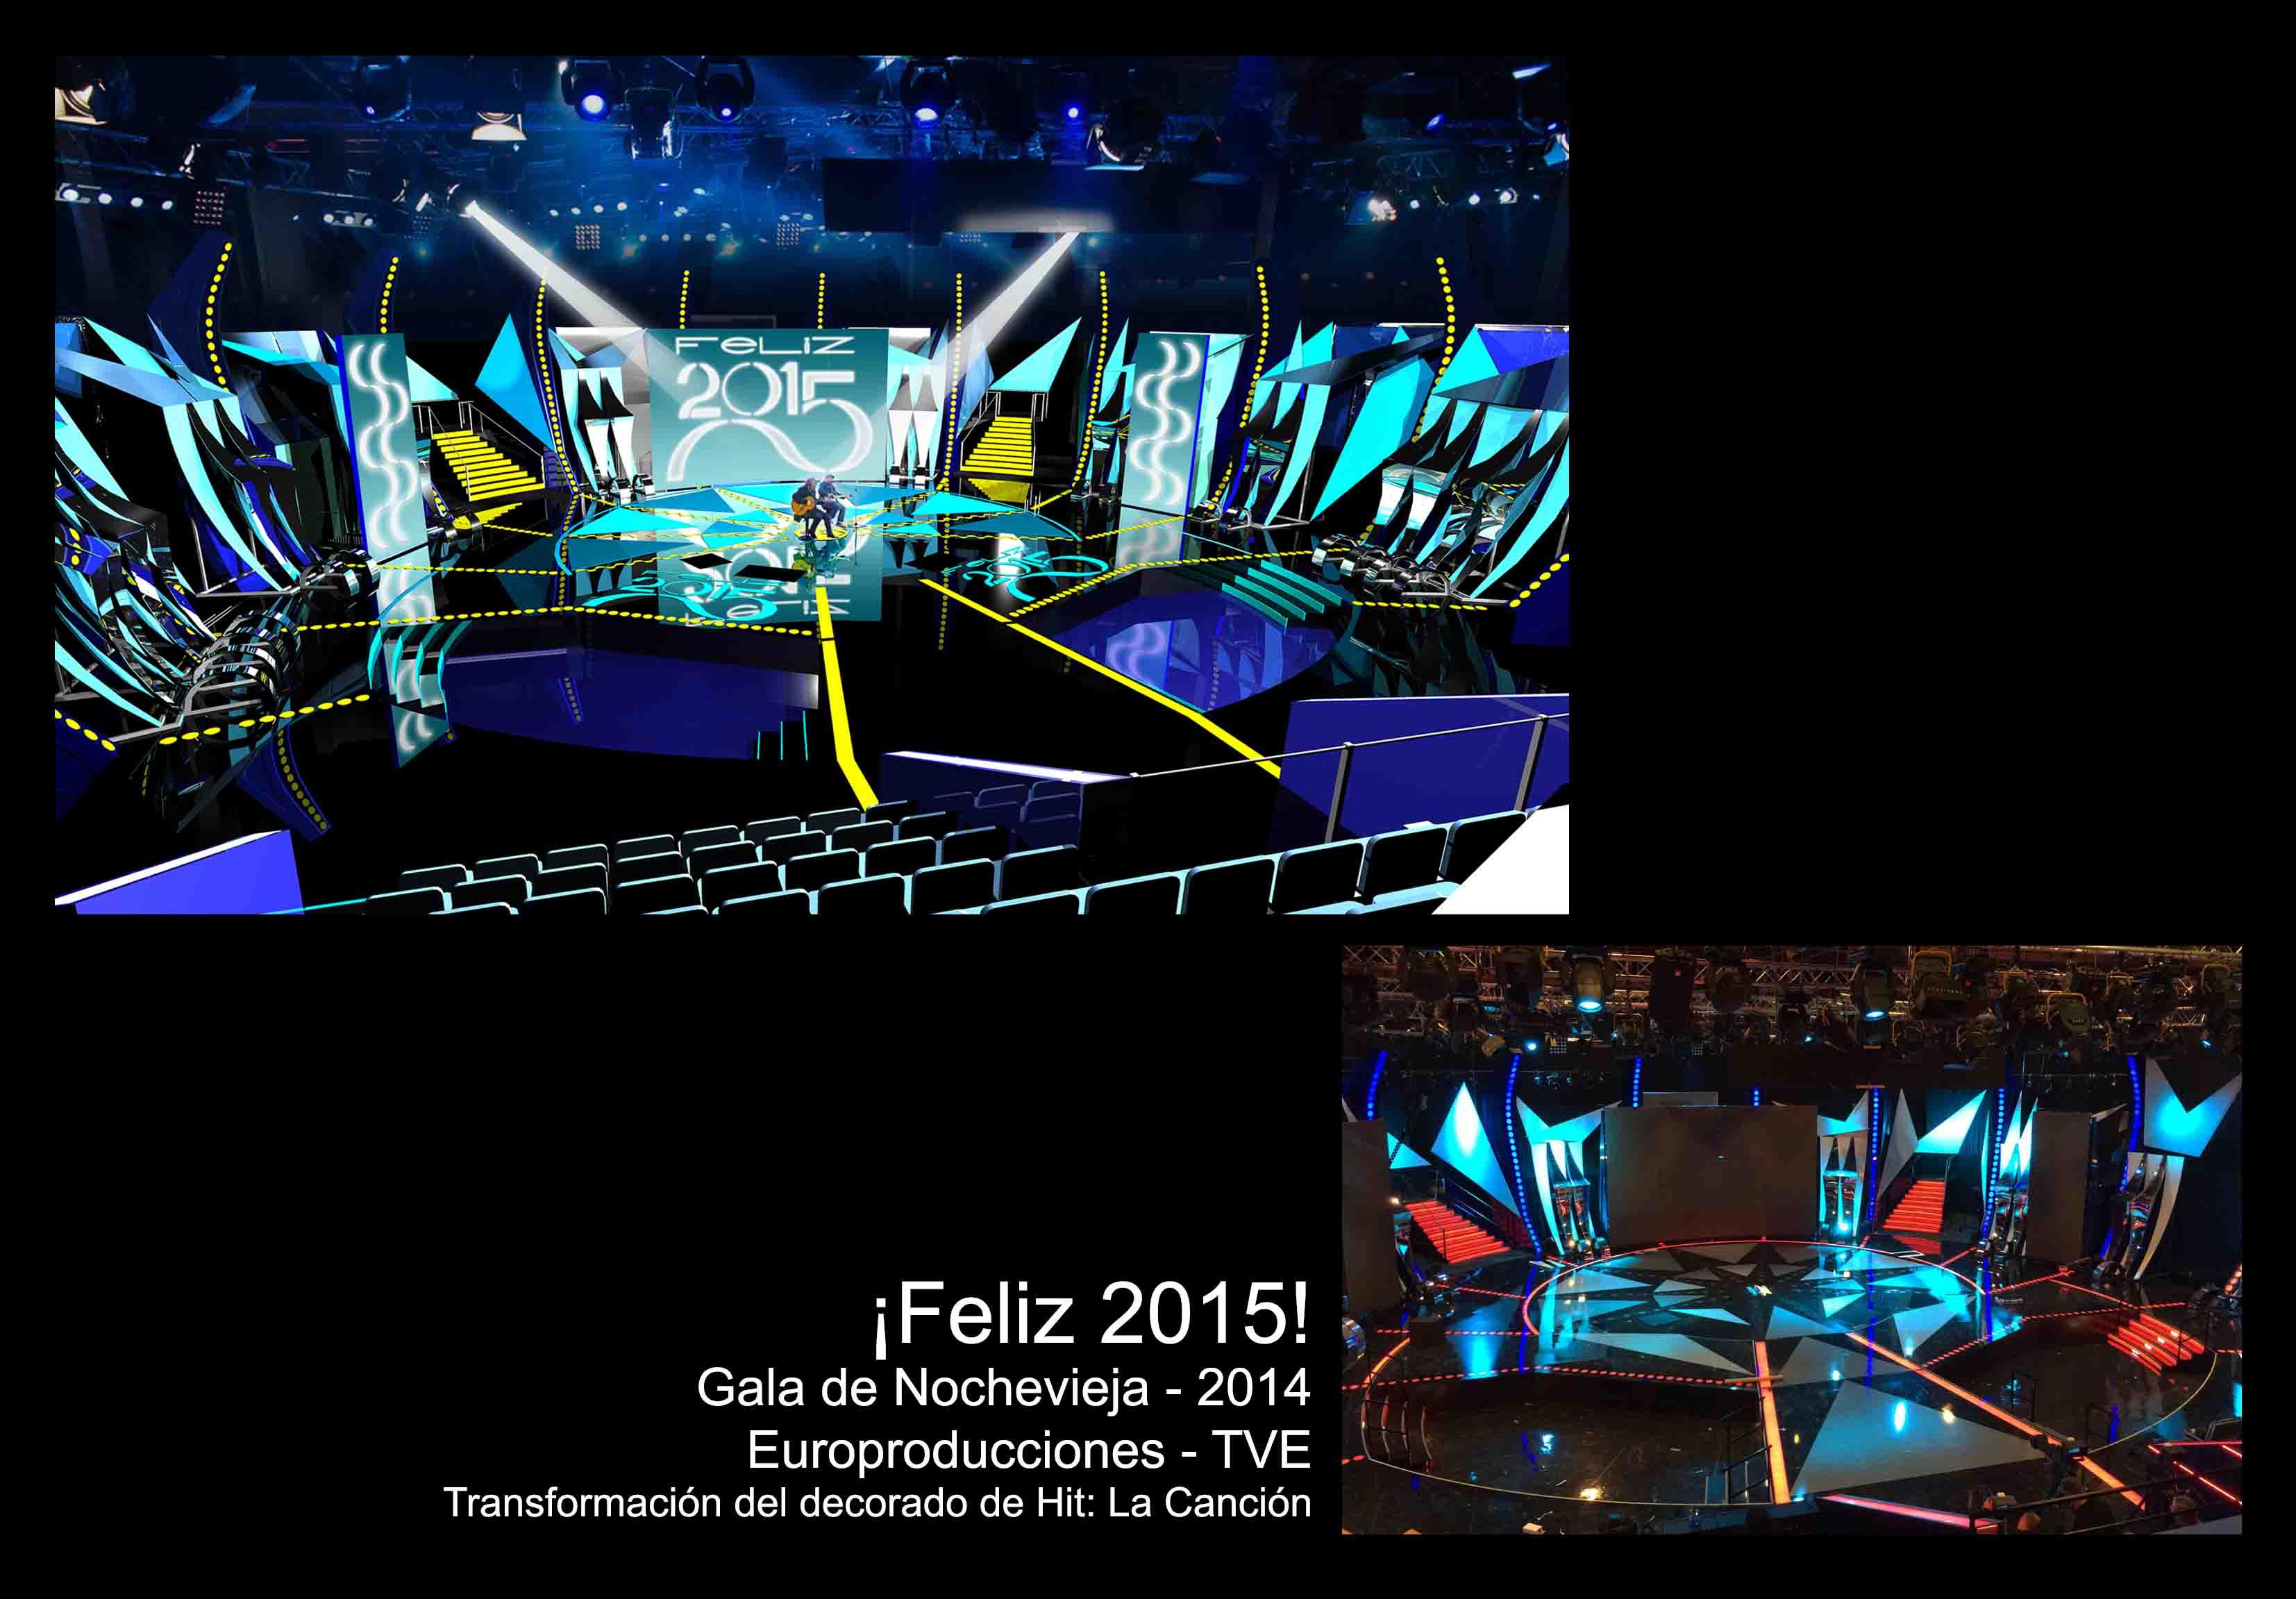 David Temprano b2014 Feliz 2015 1